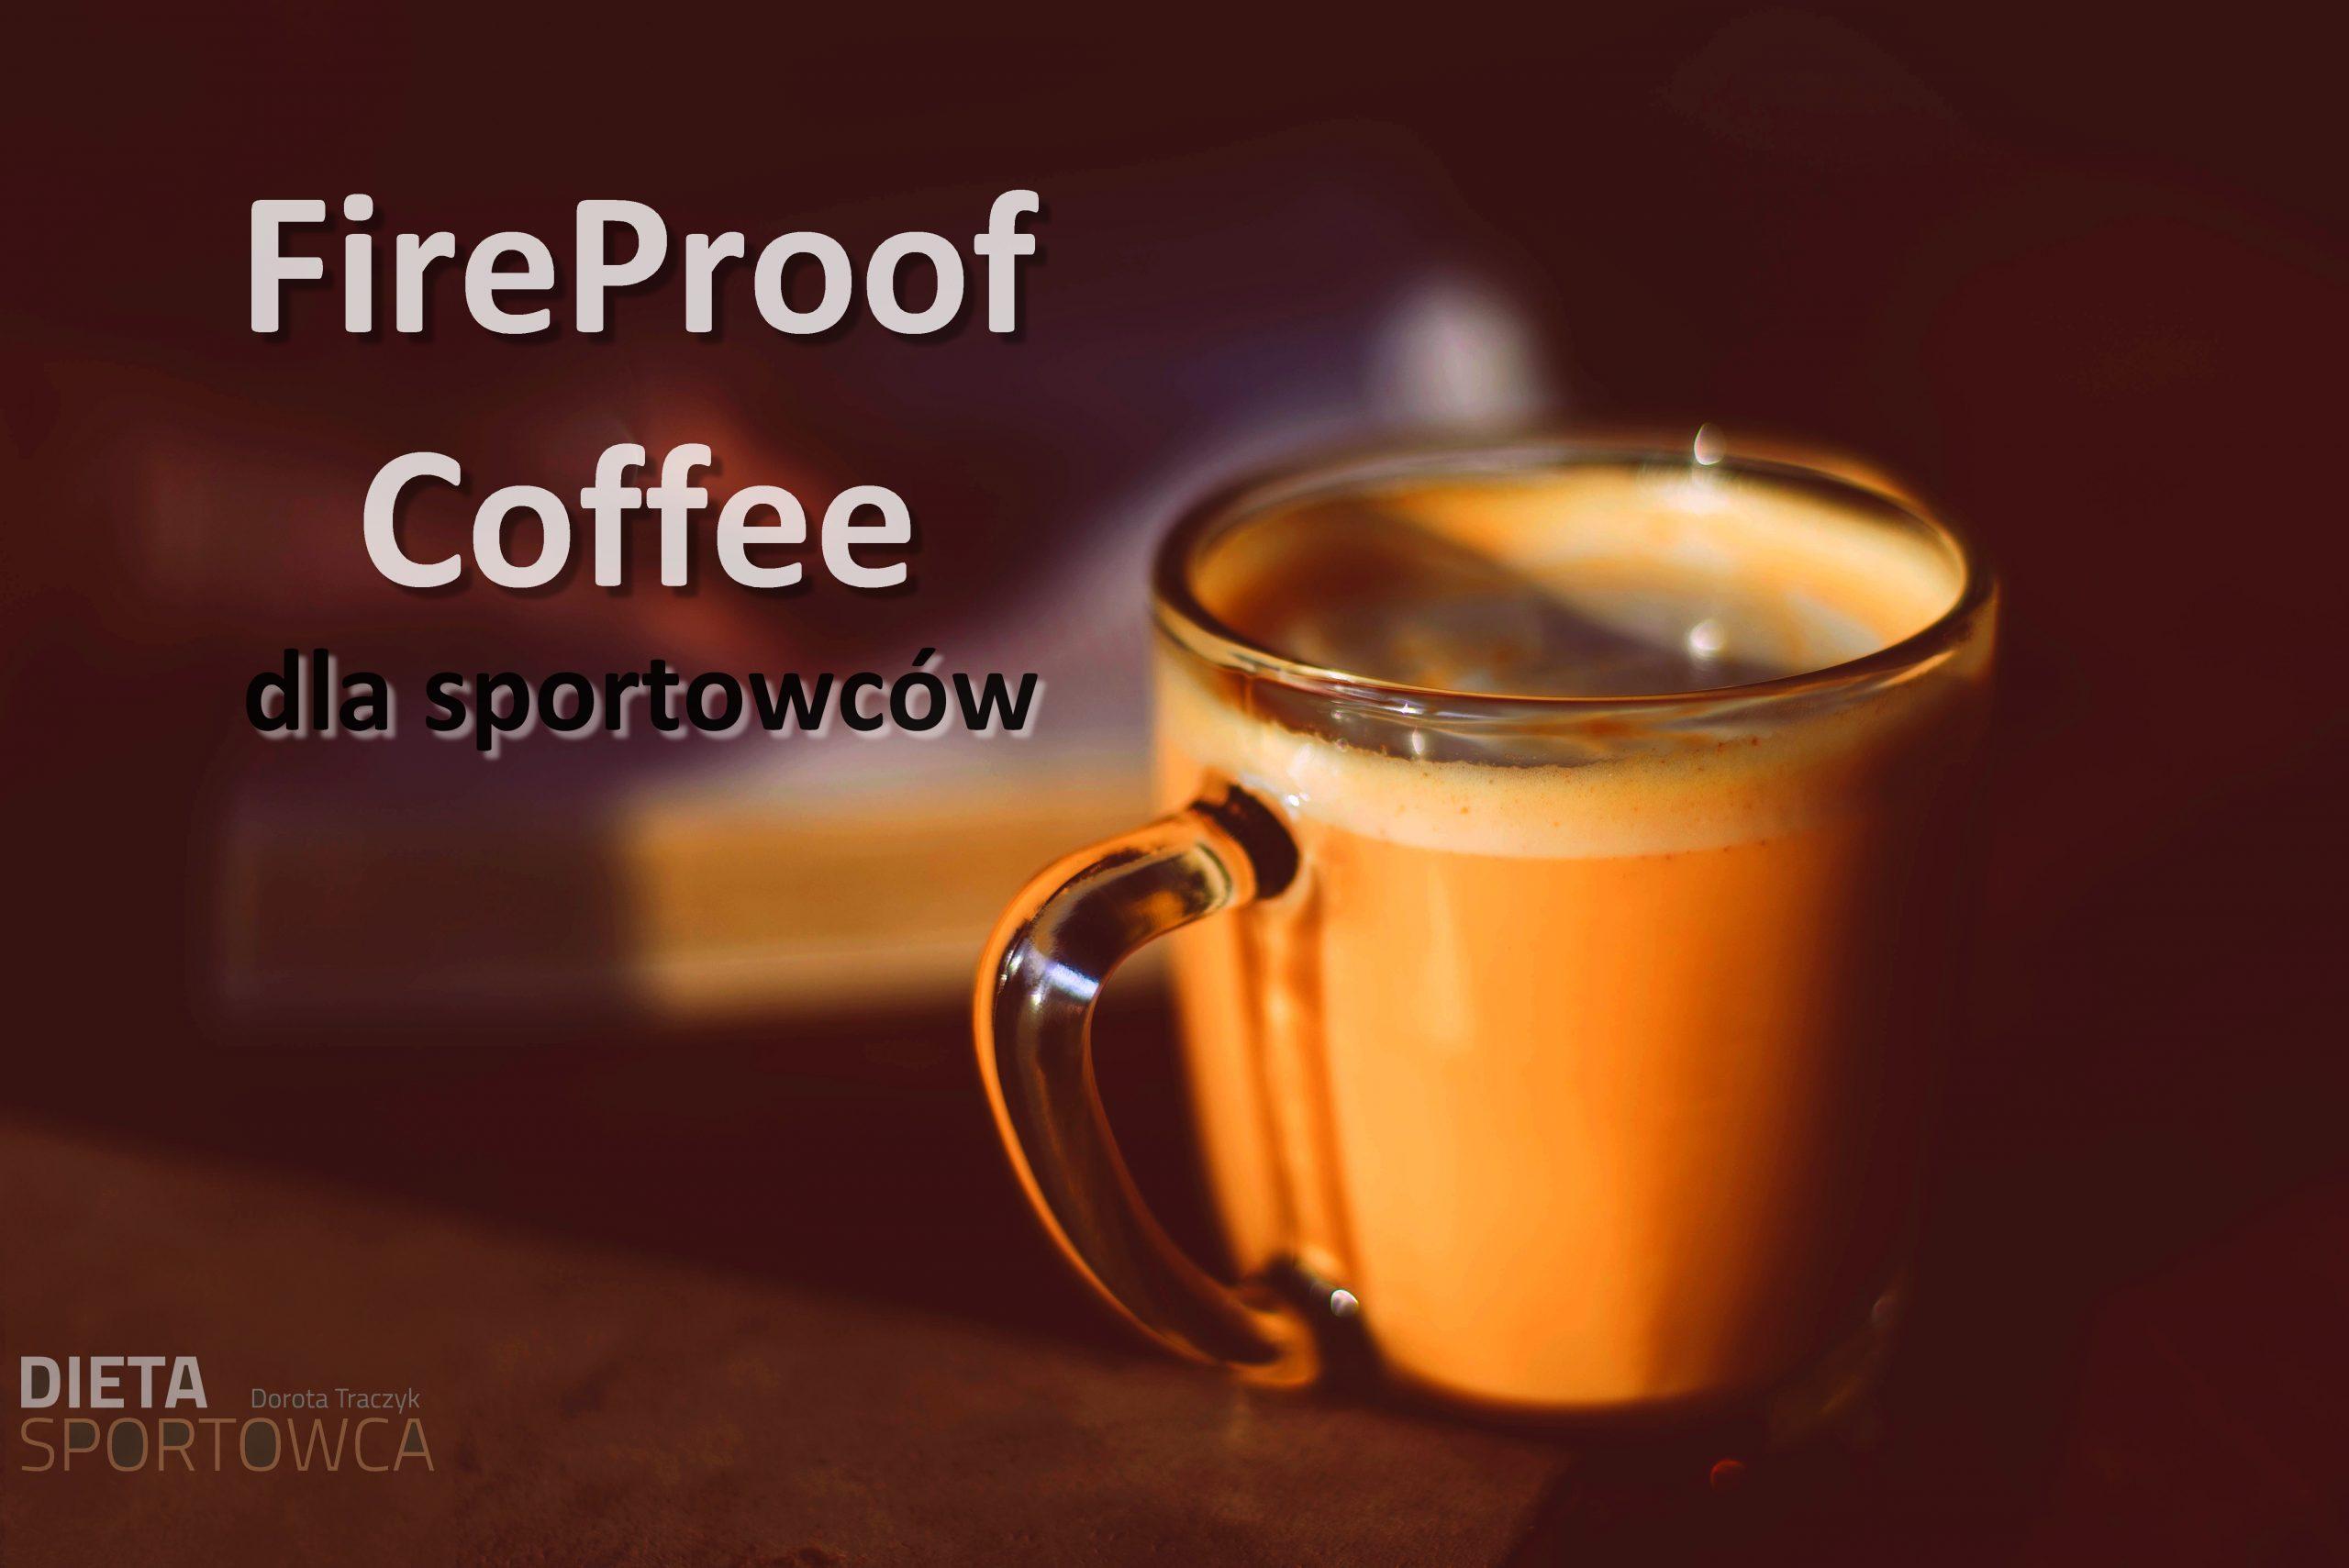 FireProof Coffee